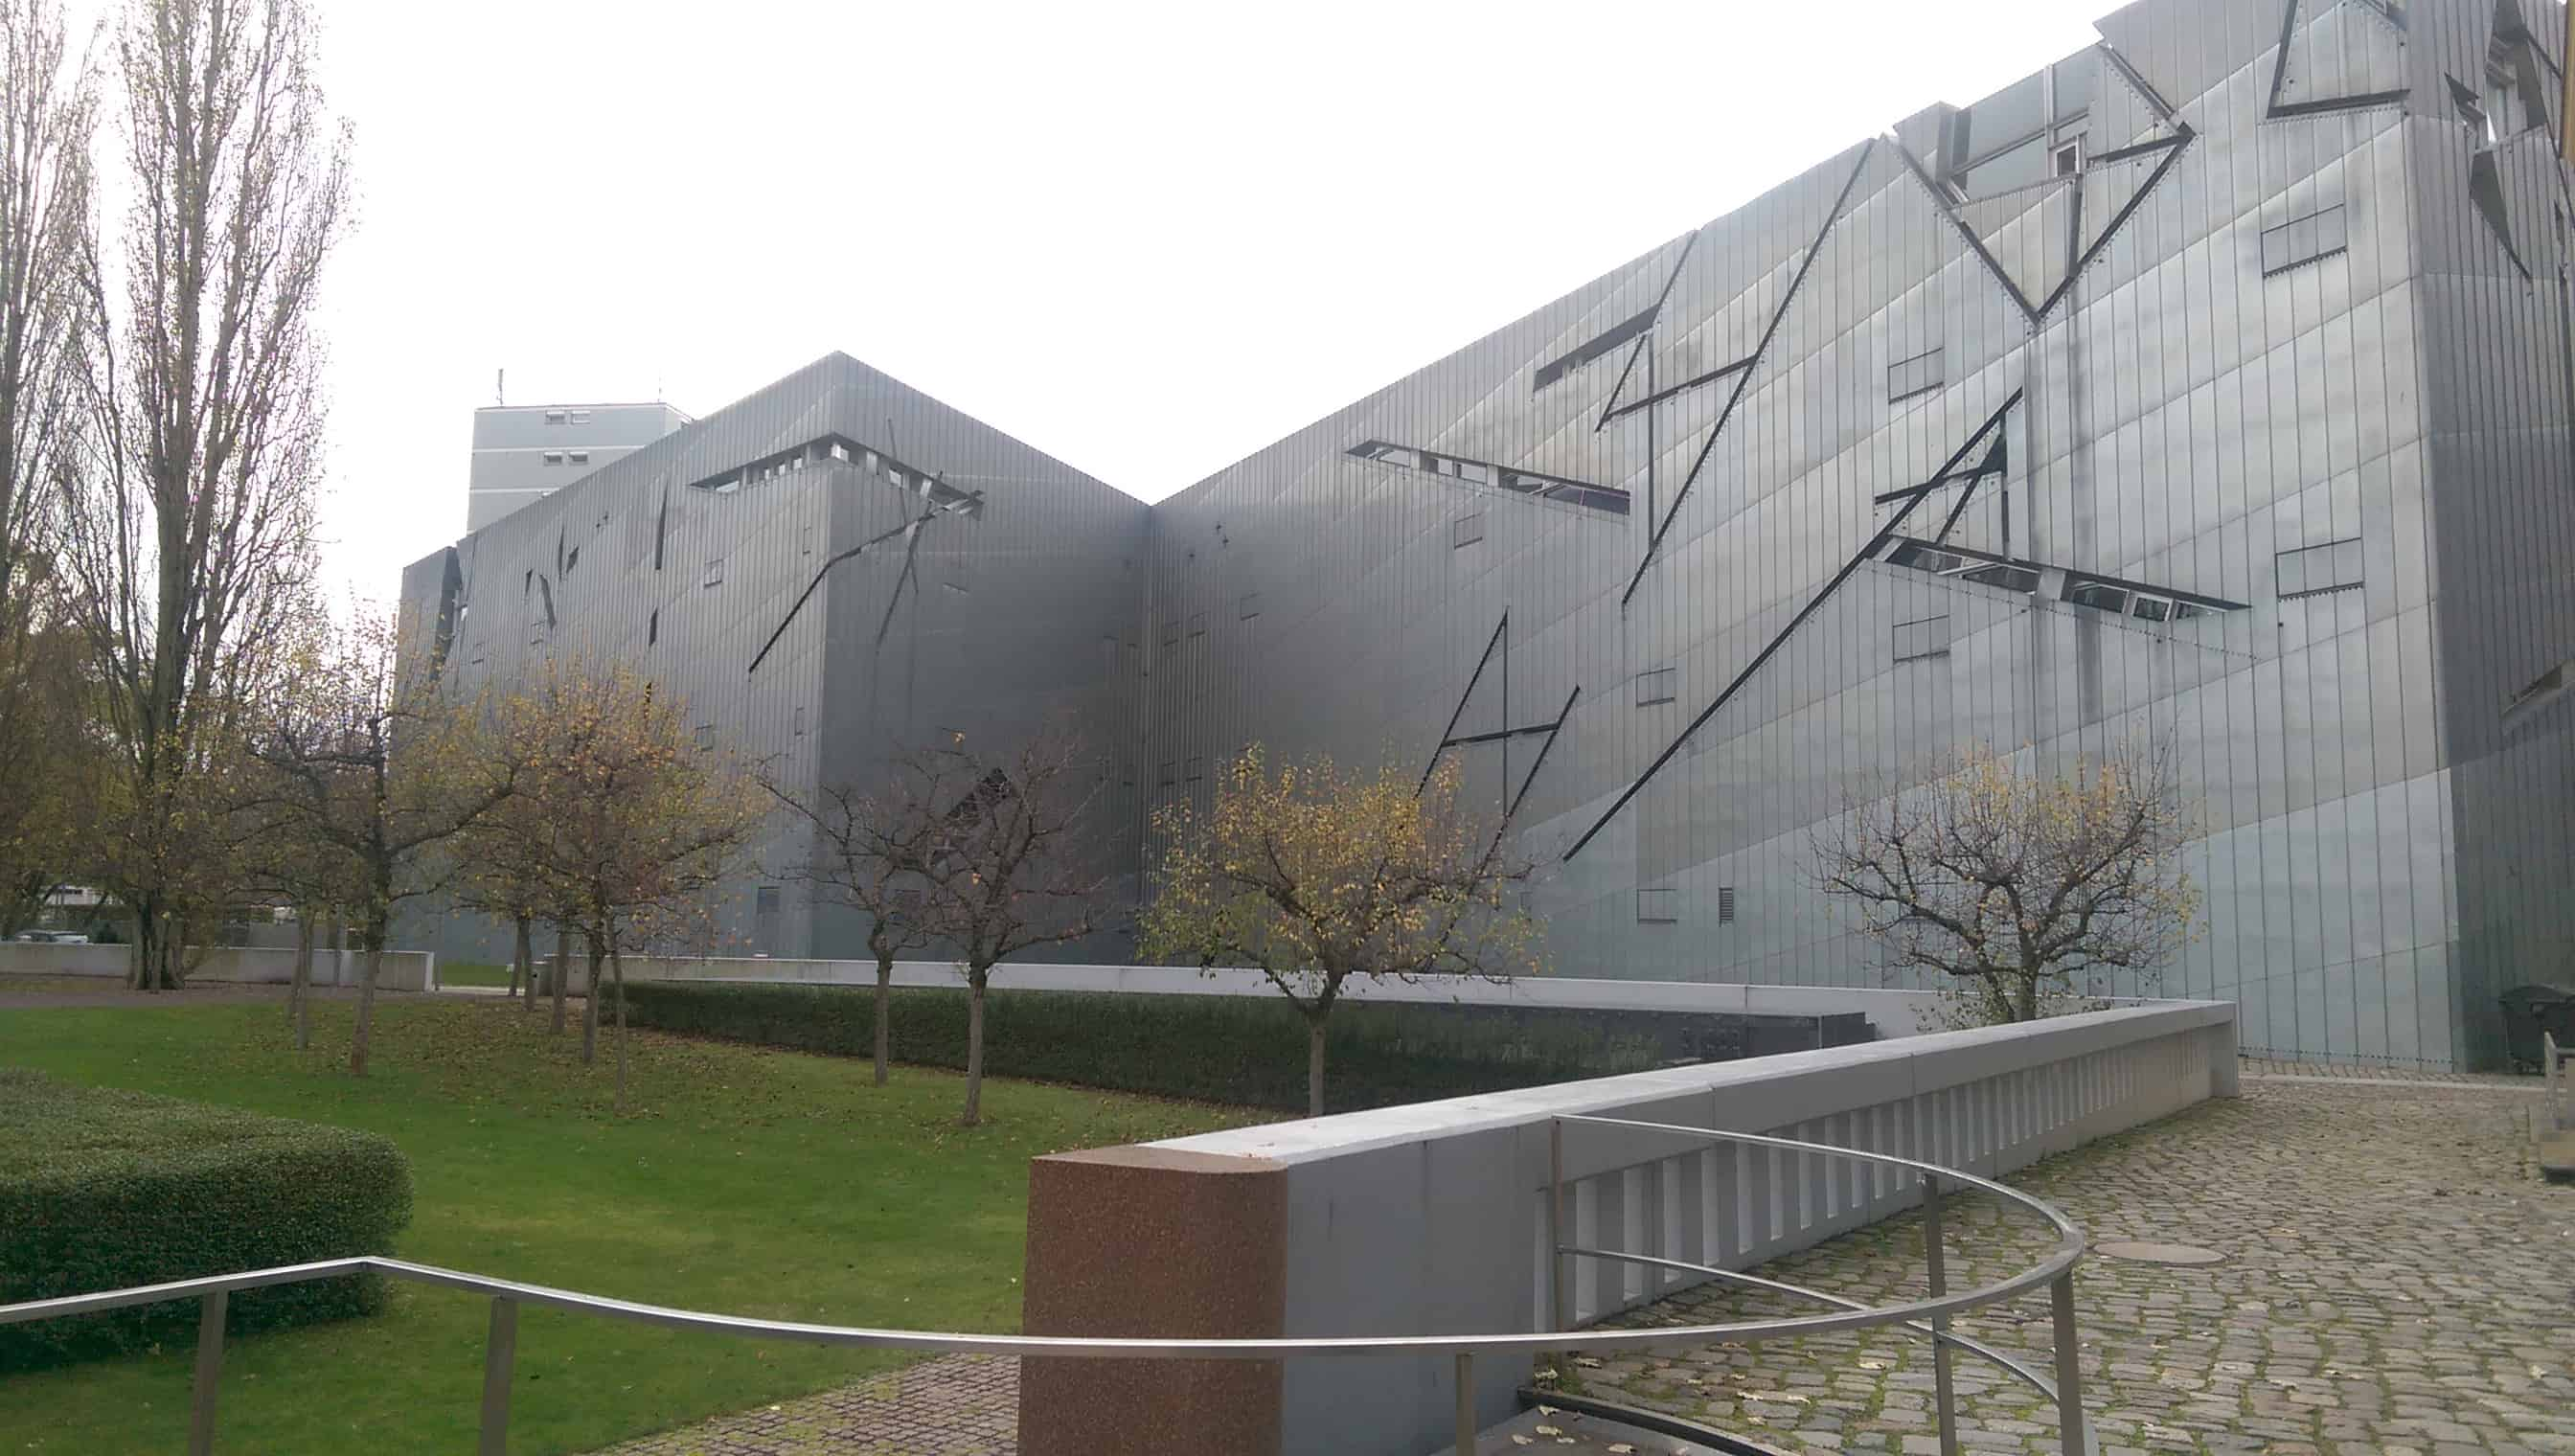 De prachtige gevel van het Joods museum in Berlijn